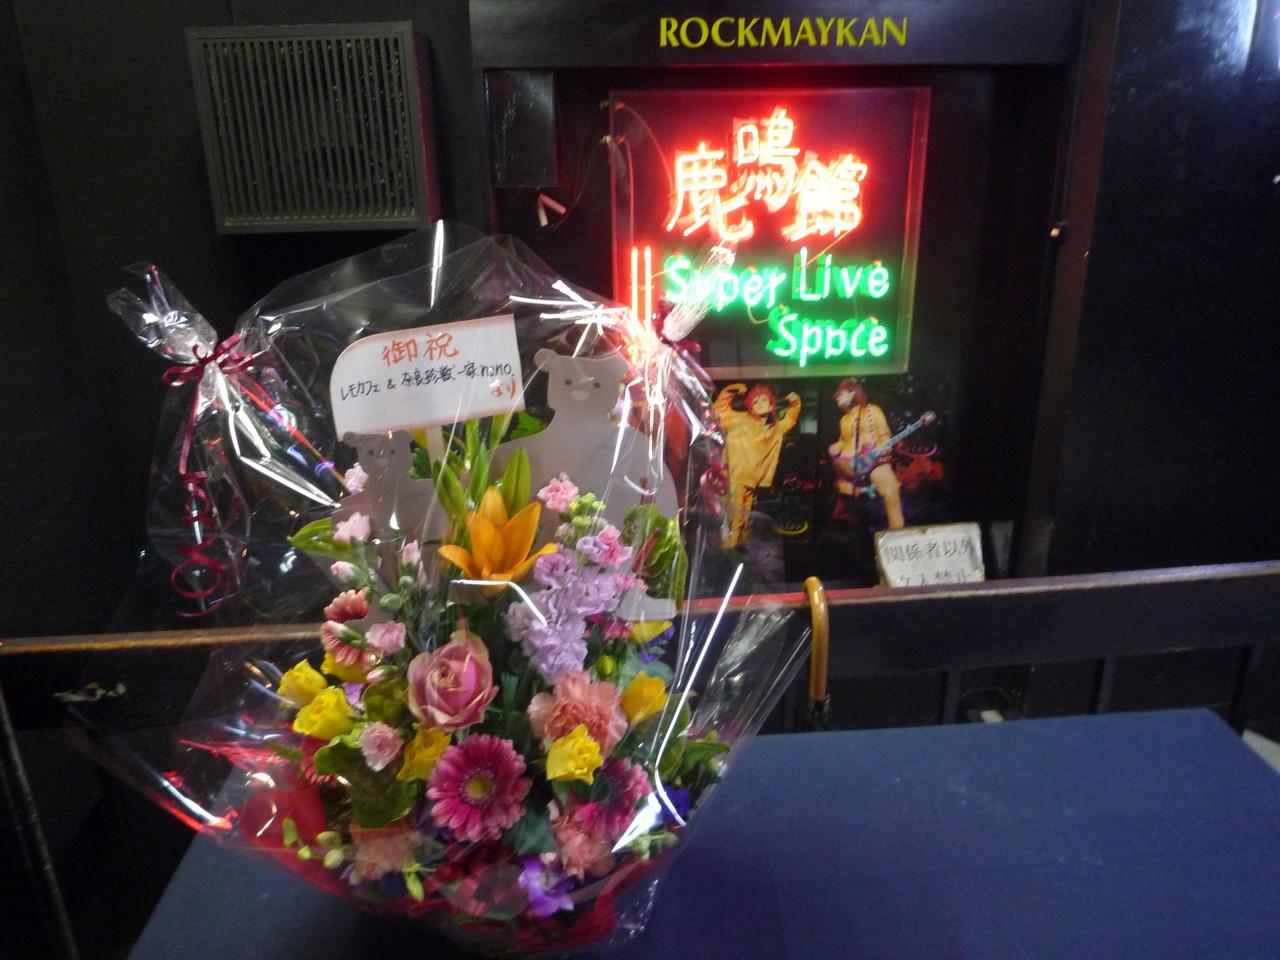 『和歌山レモネードカフェ&珍獣一家』様、お祝いの素敵なお花ありがとうございました♪